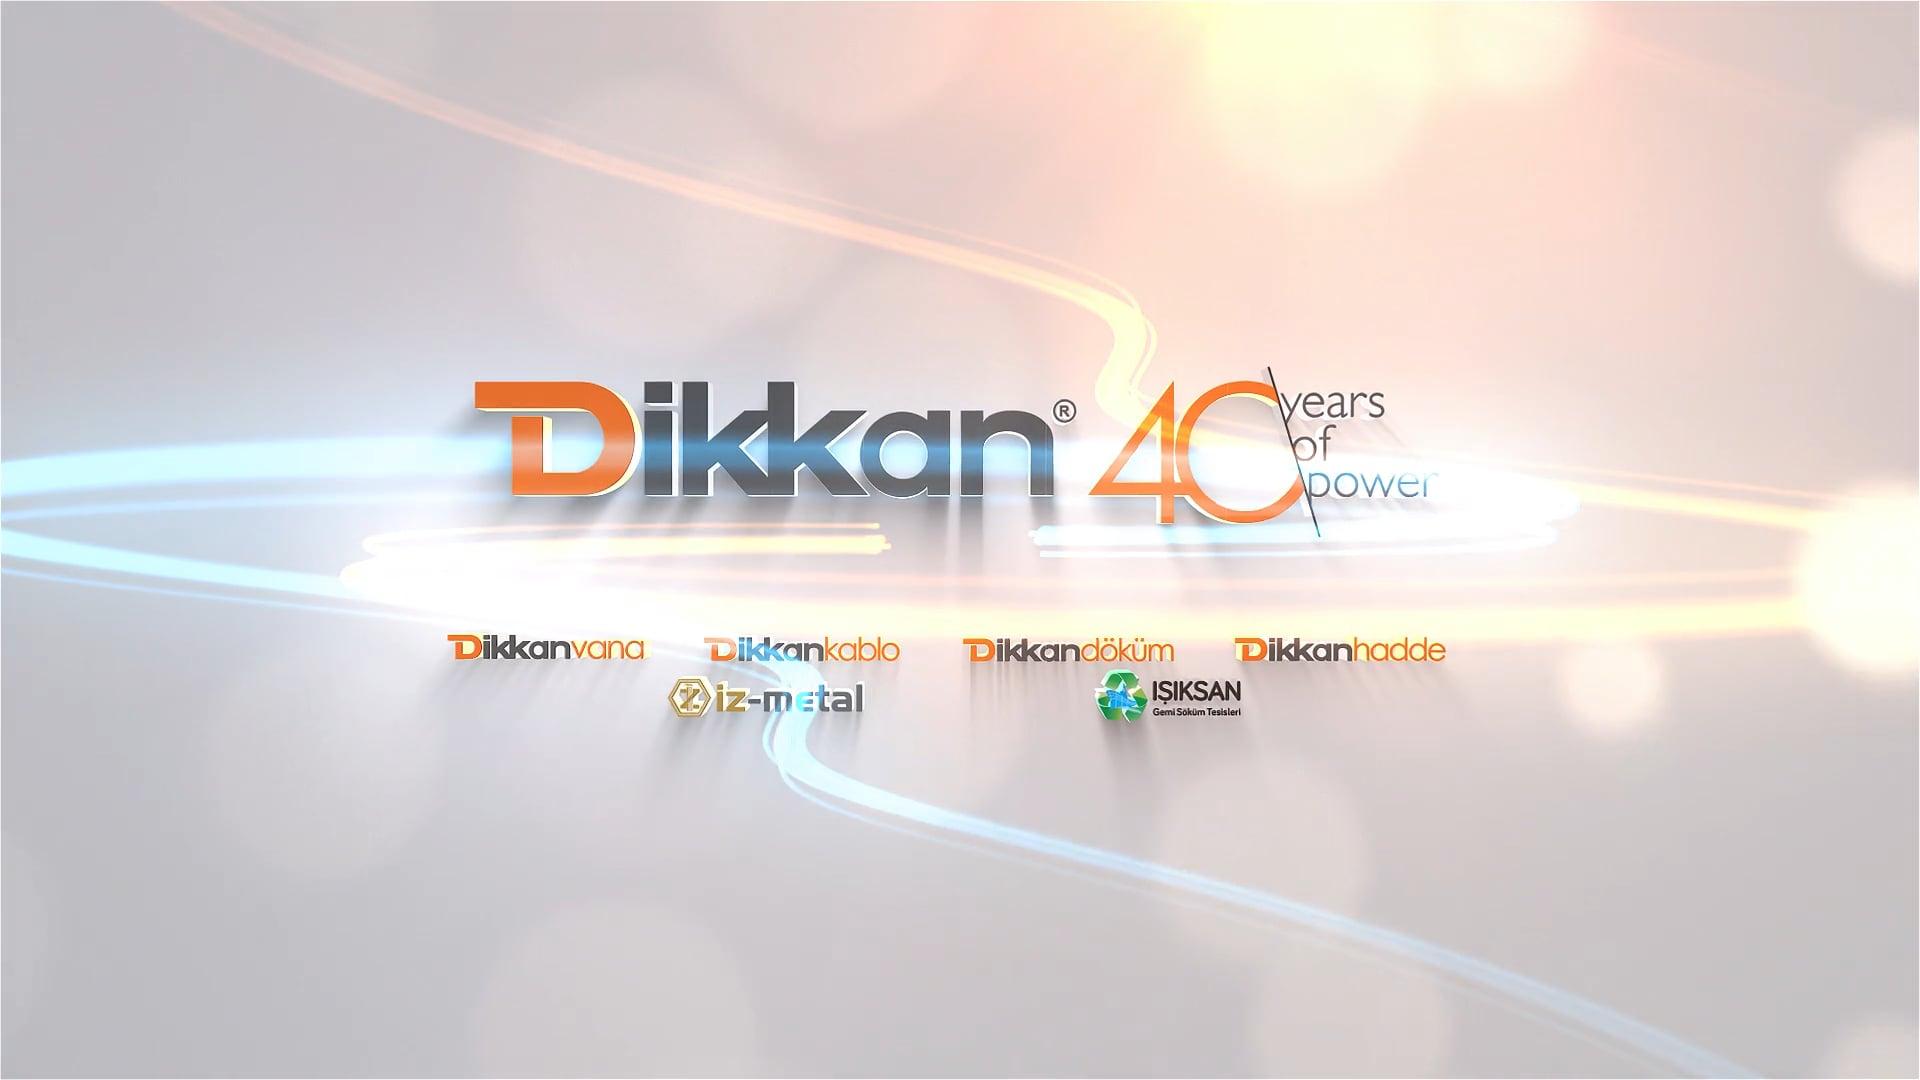 Dikkan Group - Kurumsal Tanıtım Filmi (Türkçe)